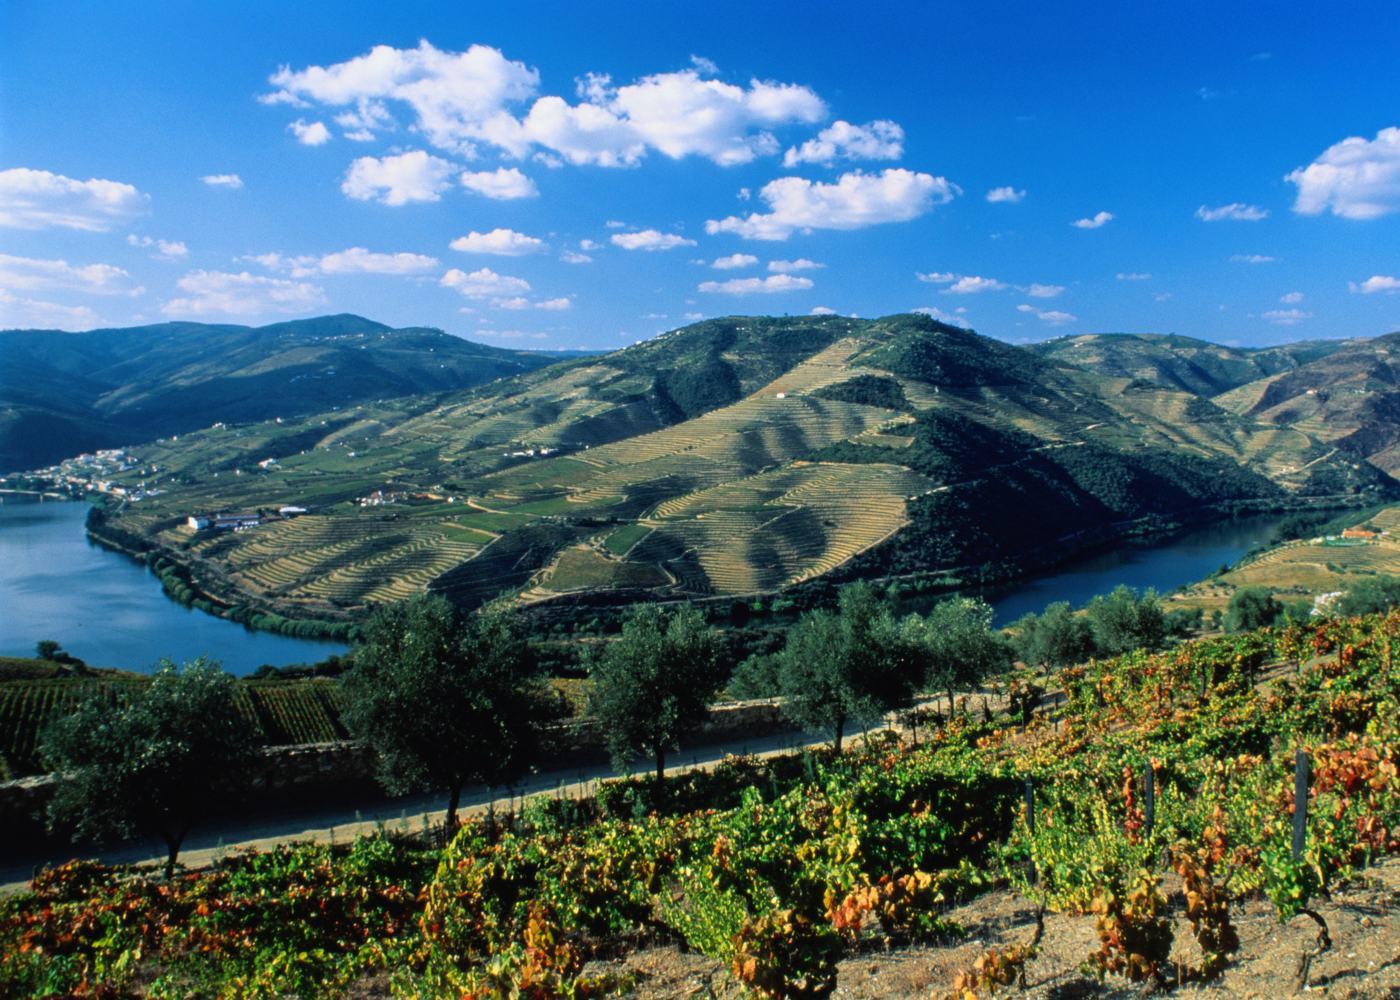 Vista do Vale do Douro